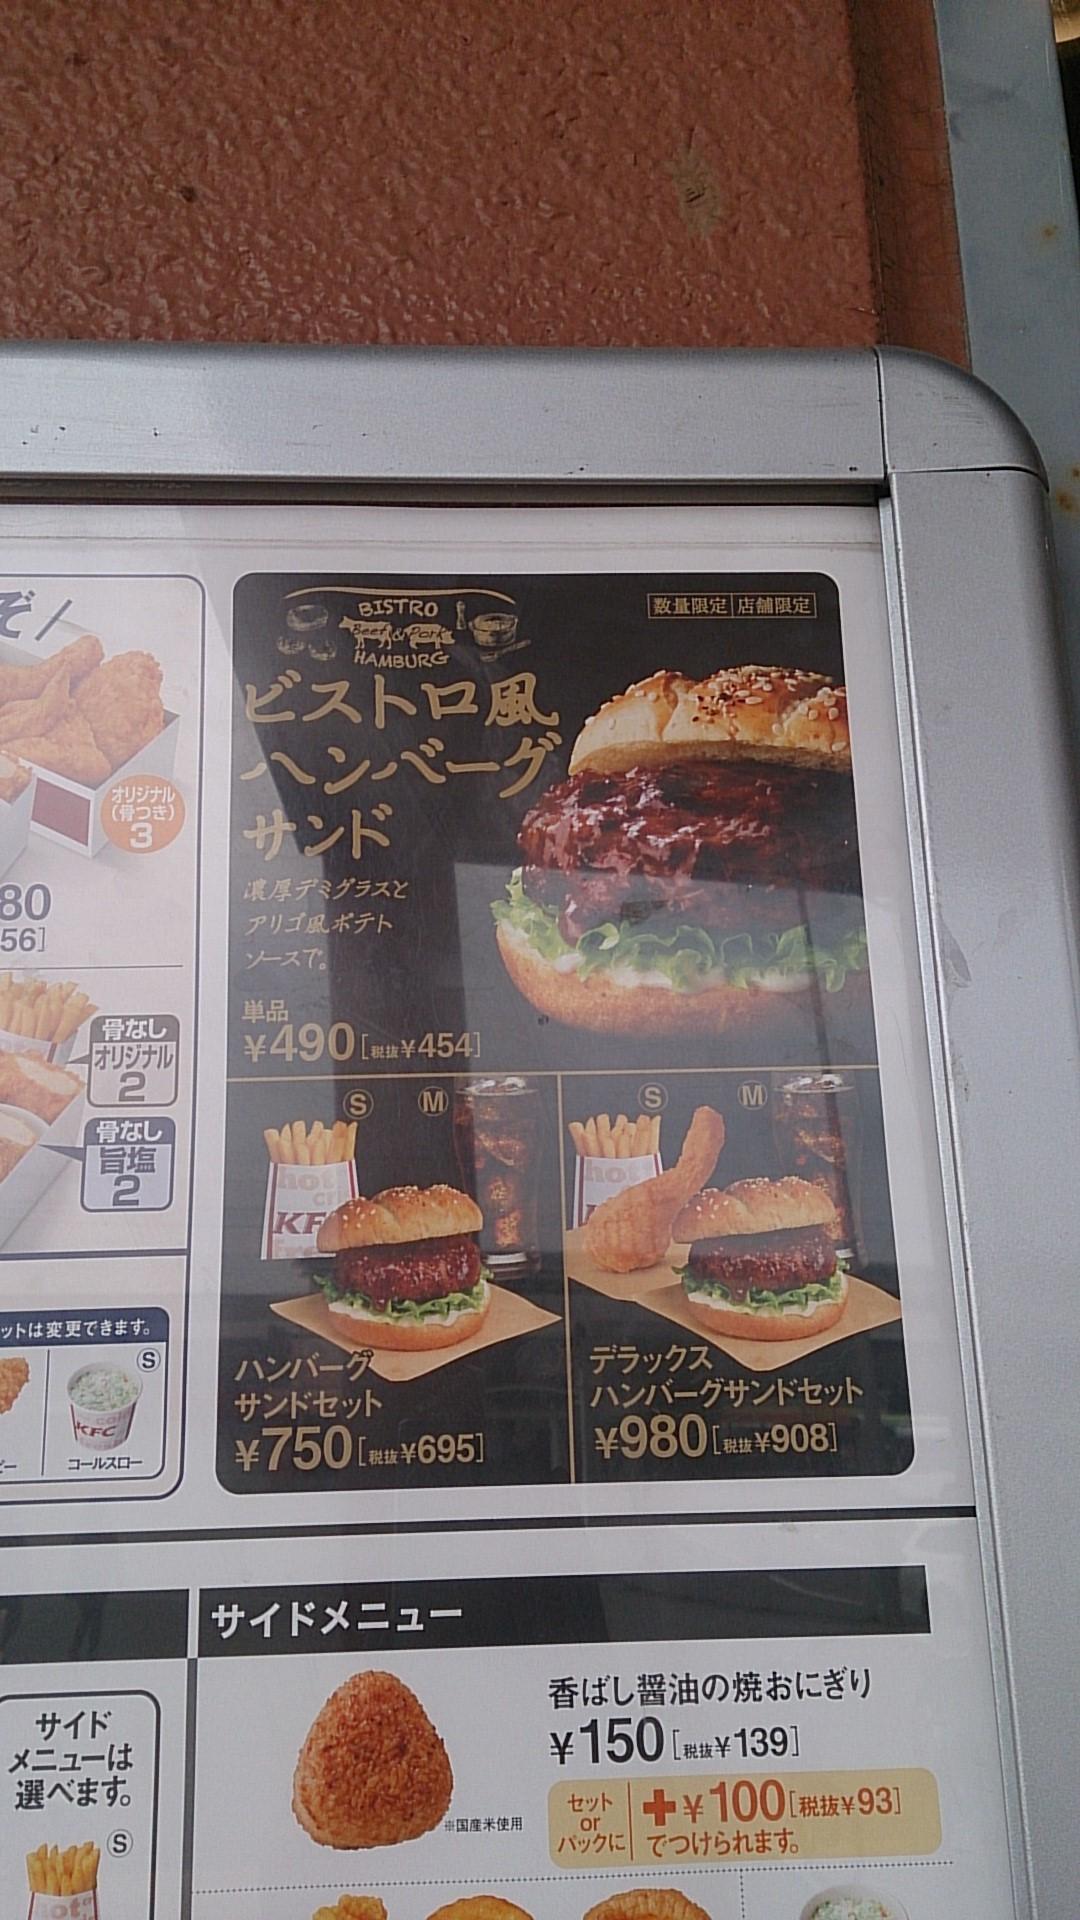 ケンタッキーフライドチキン ミスターマックス新習志野ショッピングセンター店